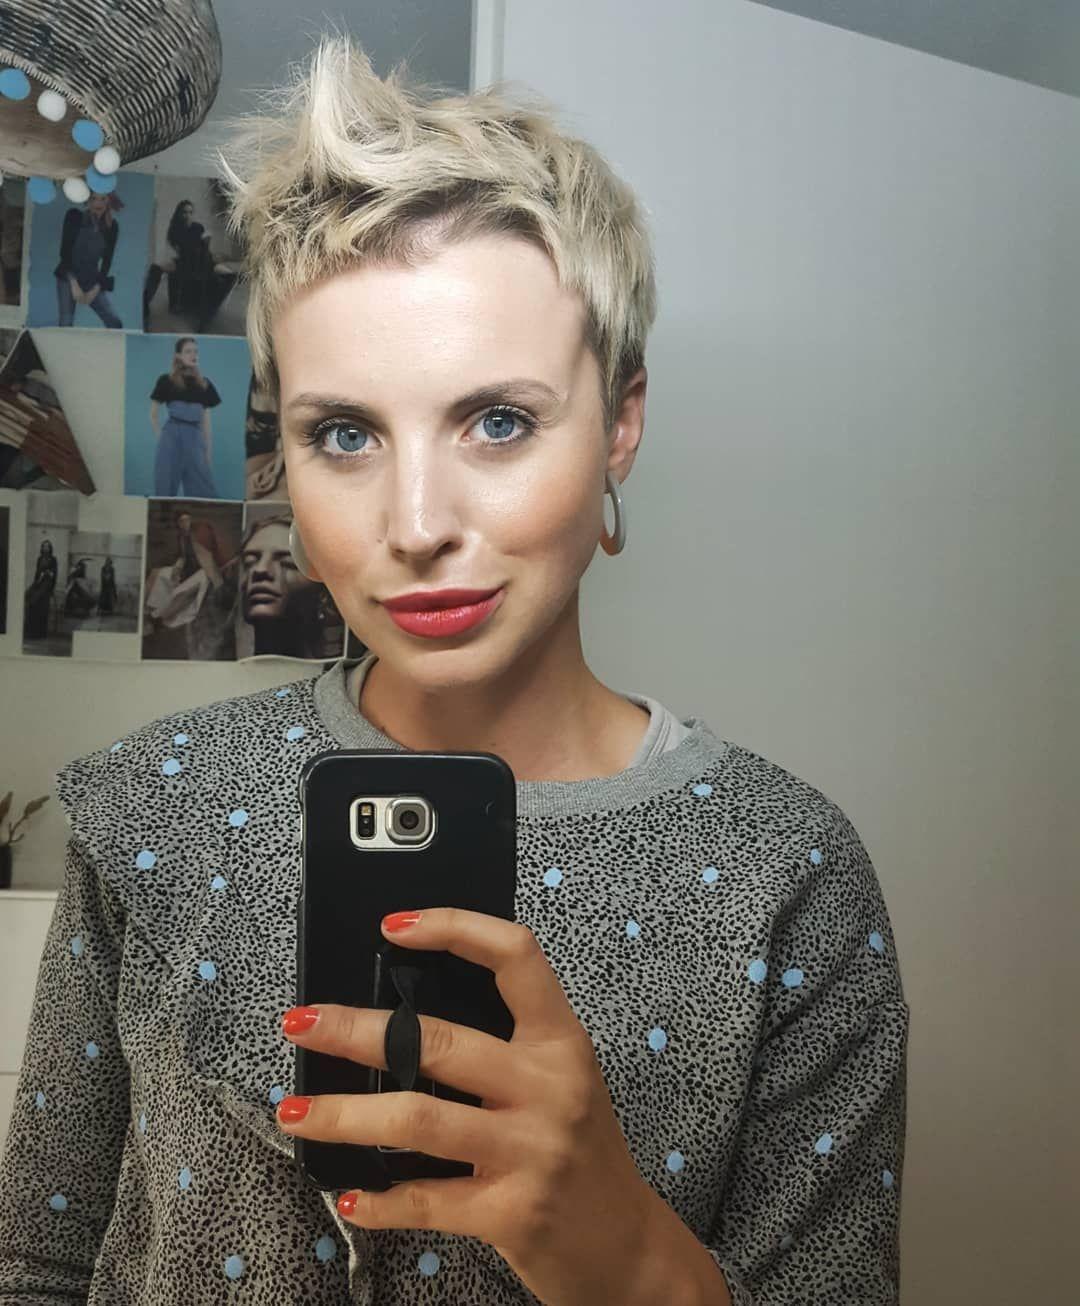 Hat Einer Erfahrung Mit Frisuren Für Den übergang Oder Andere Tipps